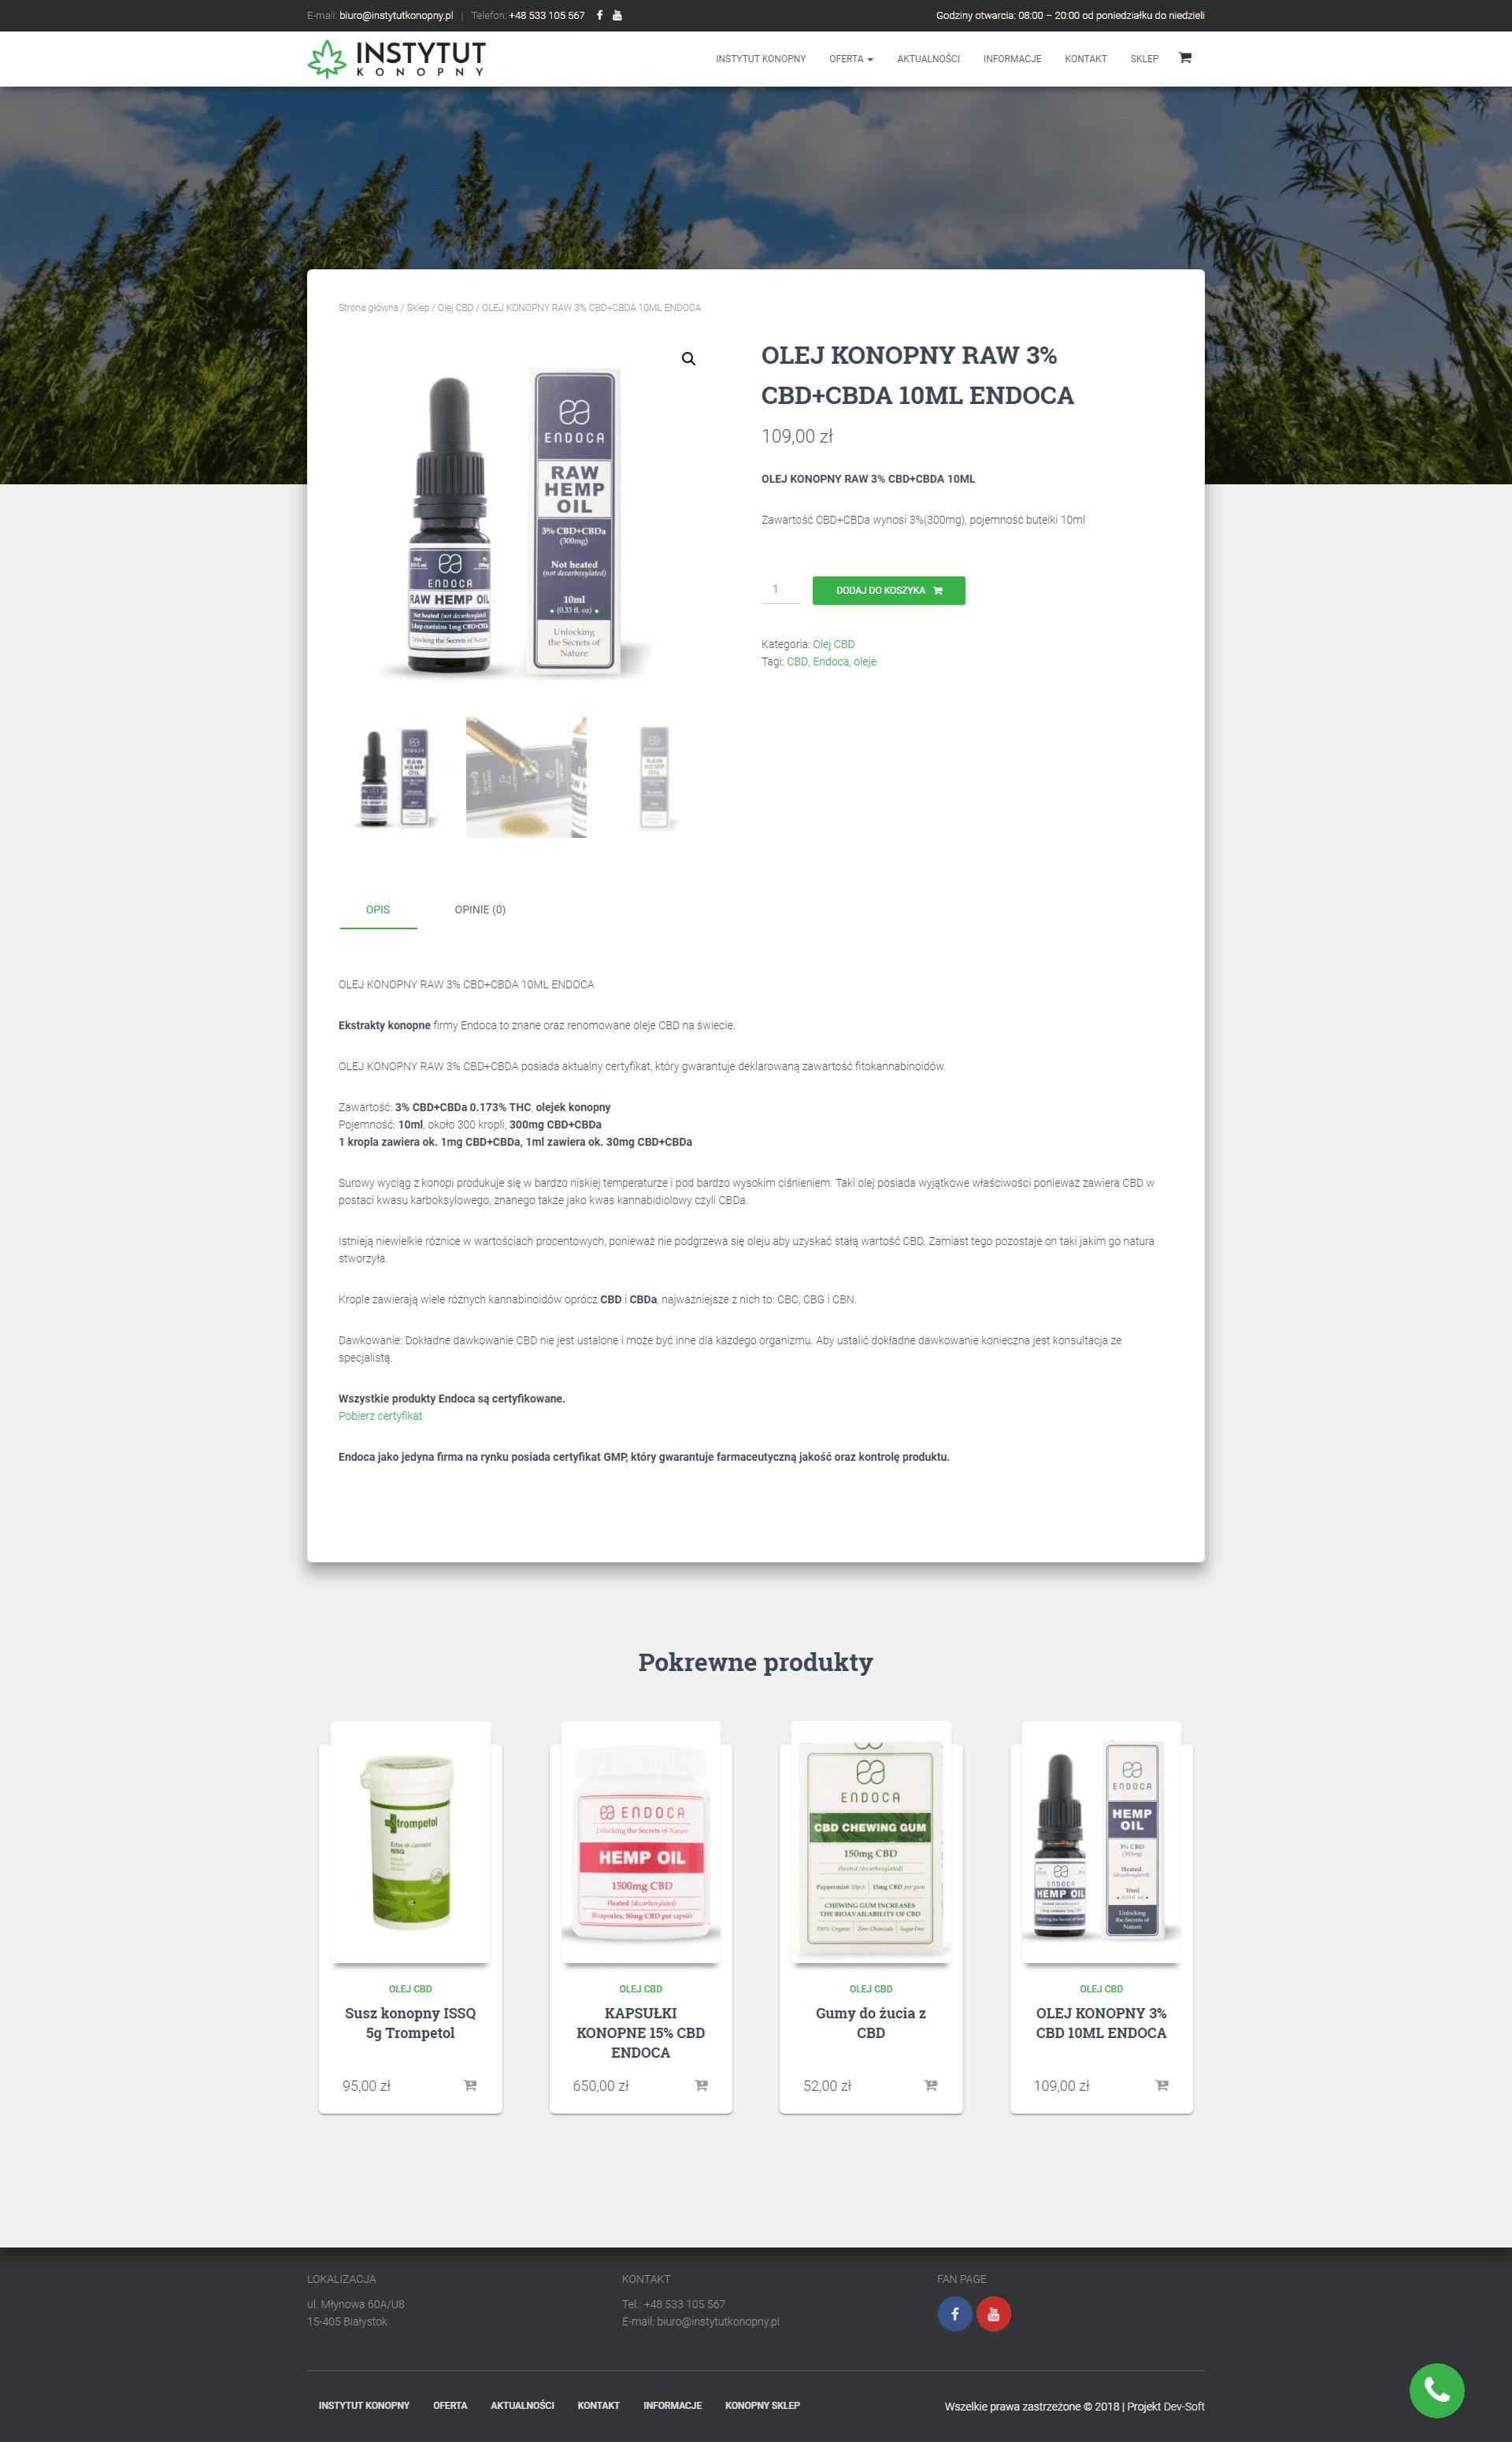 instytut-konopny-shop-product